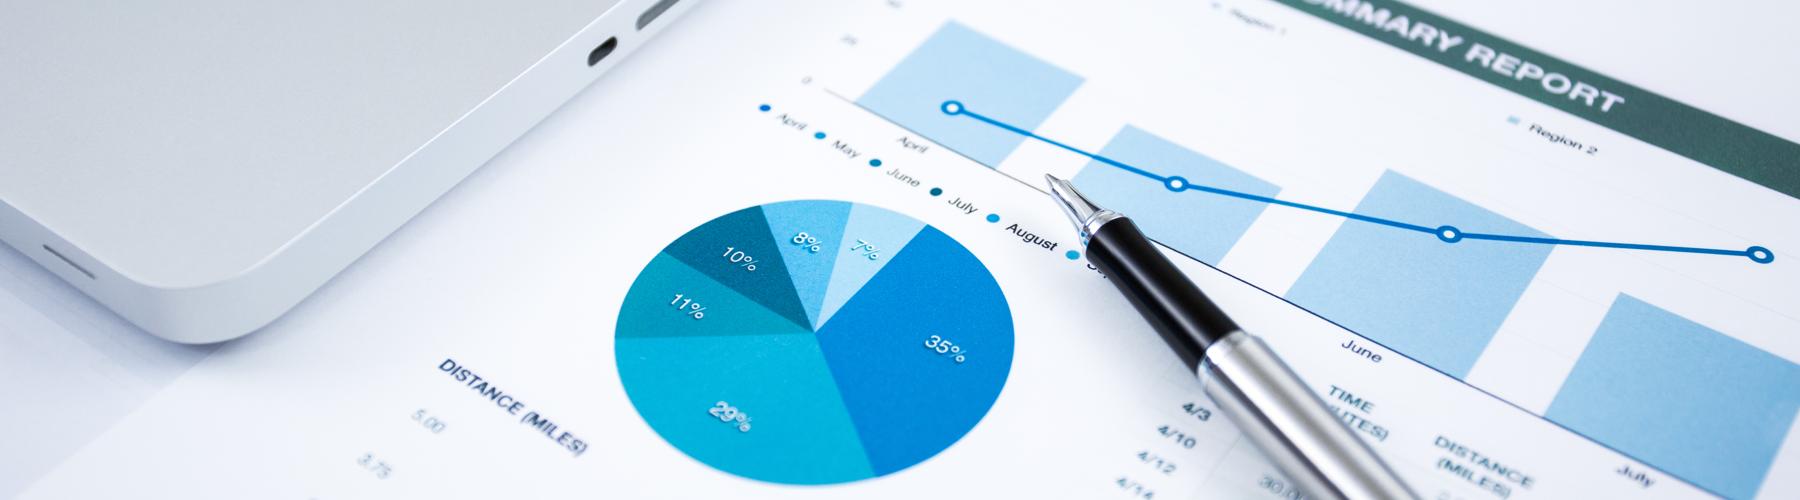 Come misurare le performance del Print Marketing